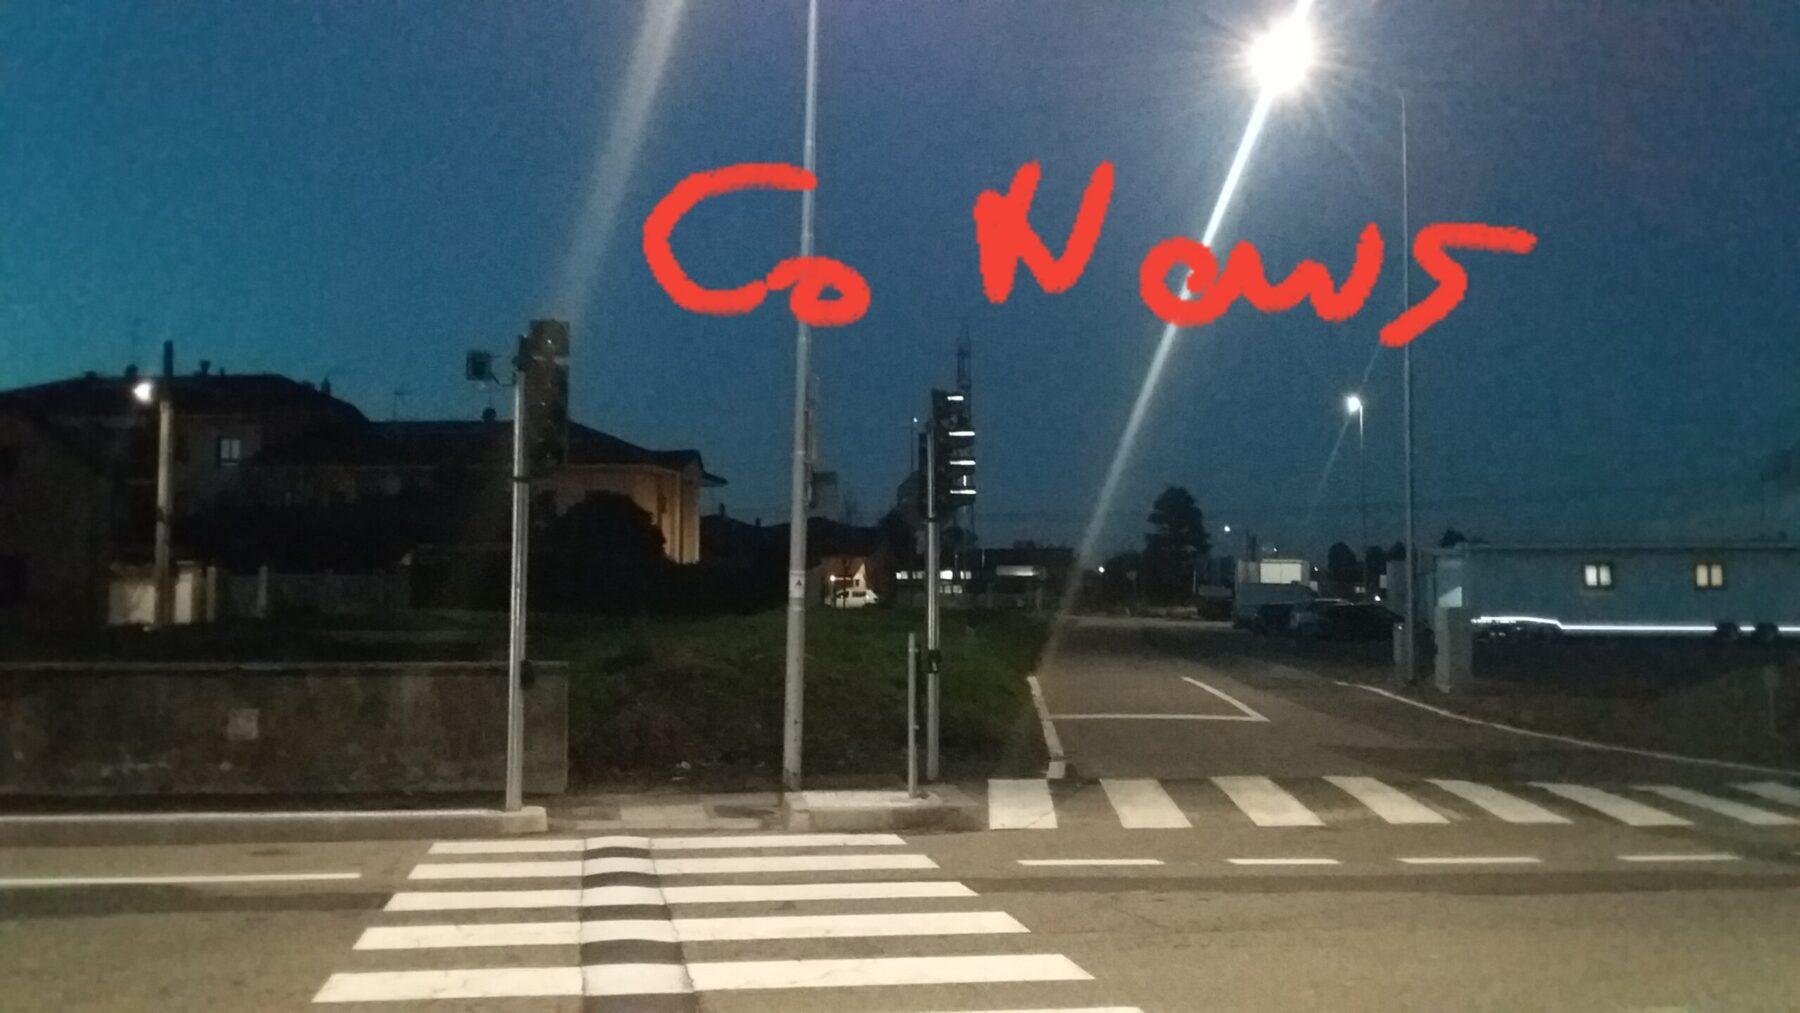 Corbetta - Semaforo per ipovedenti a Corbetta, località cascina Beretta. 20/11/2020